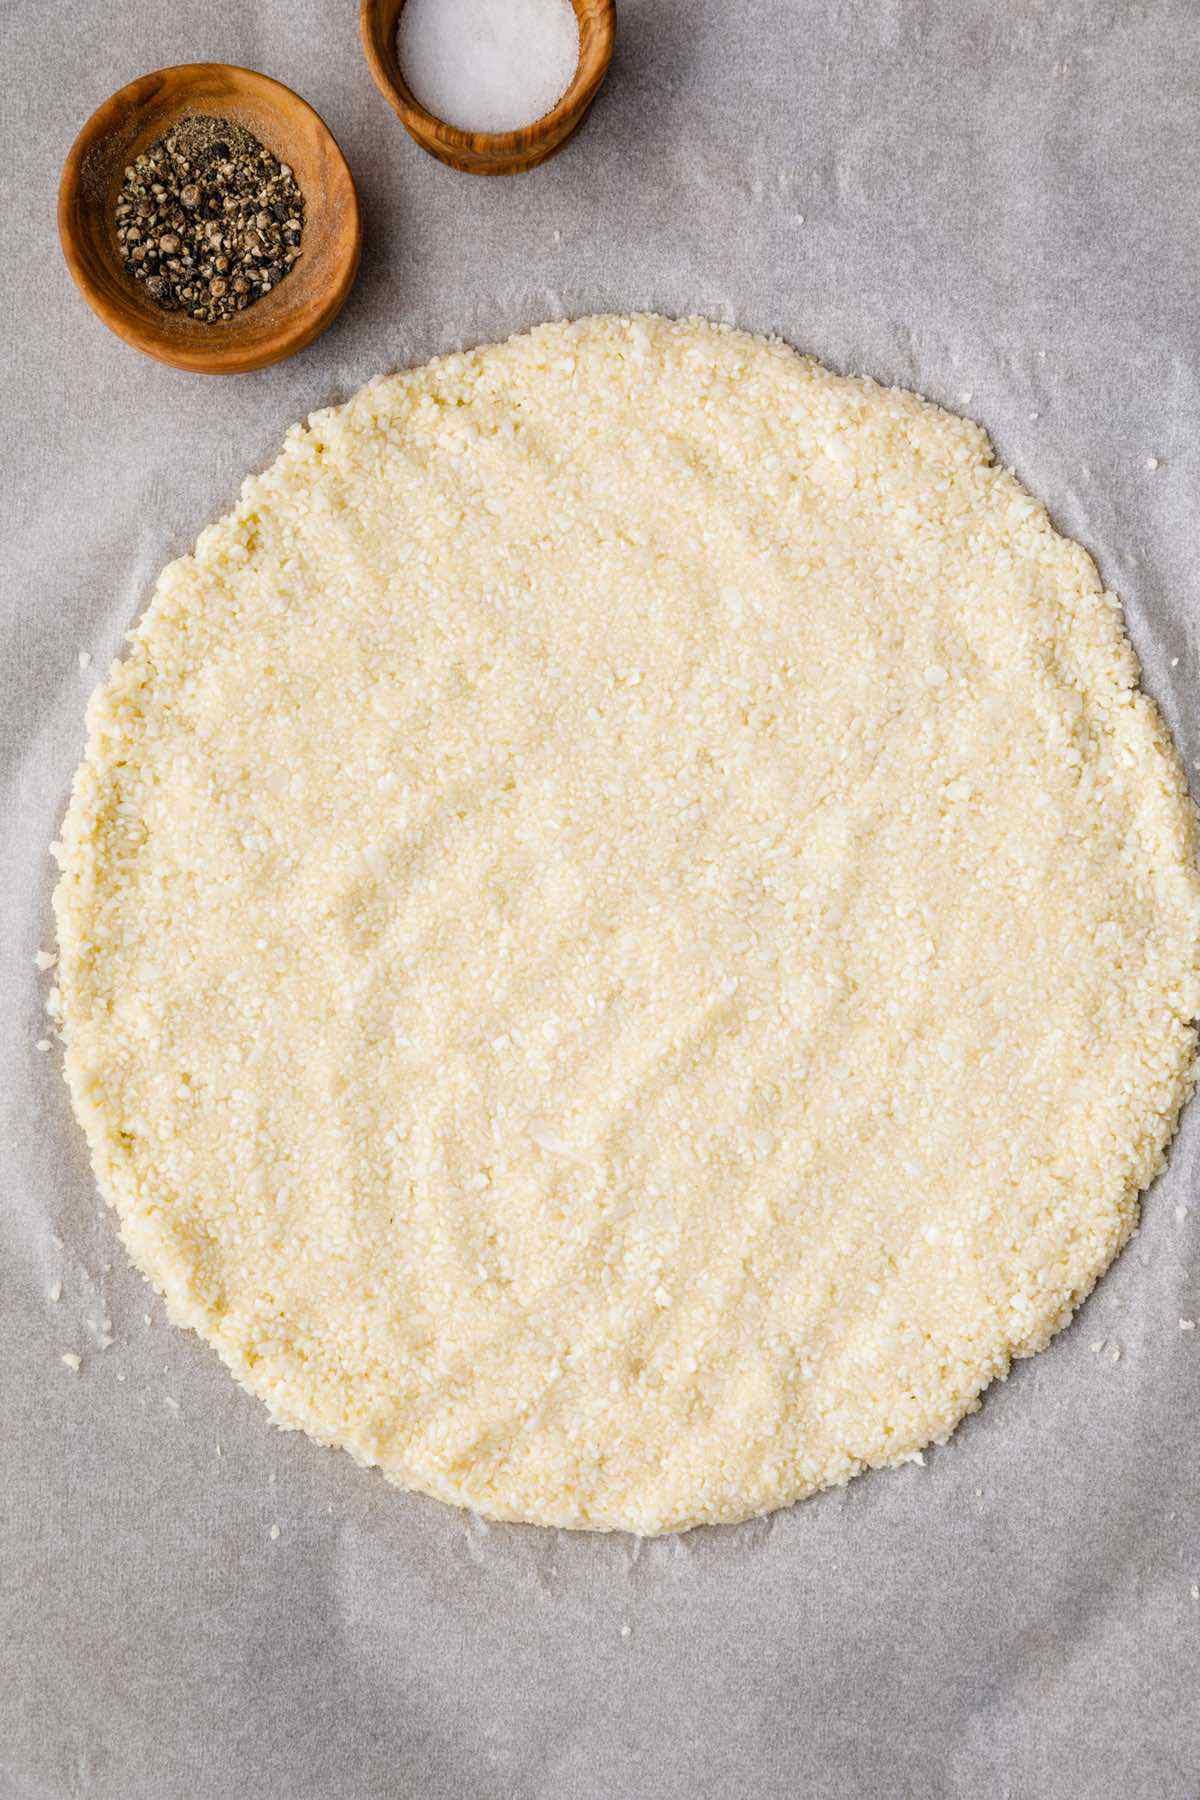 shaping cauliflower pizza crust